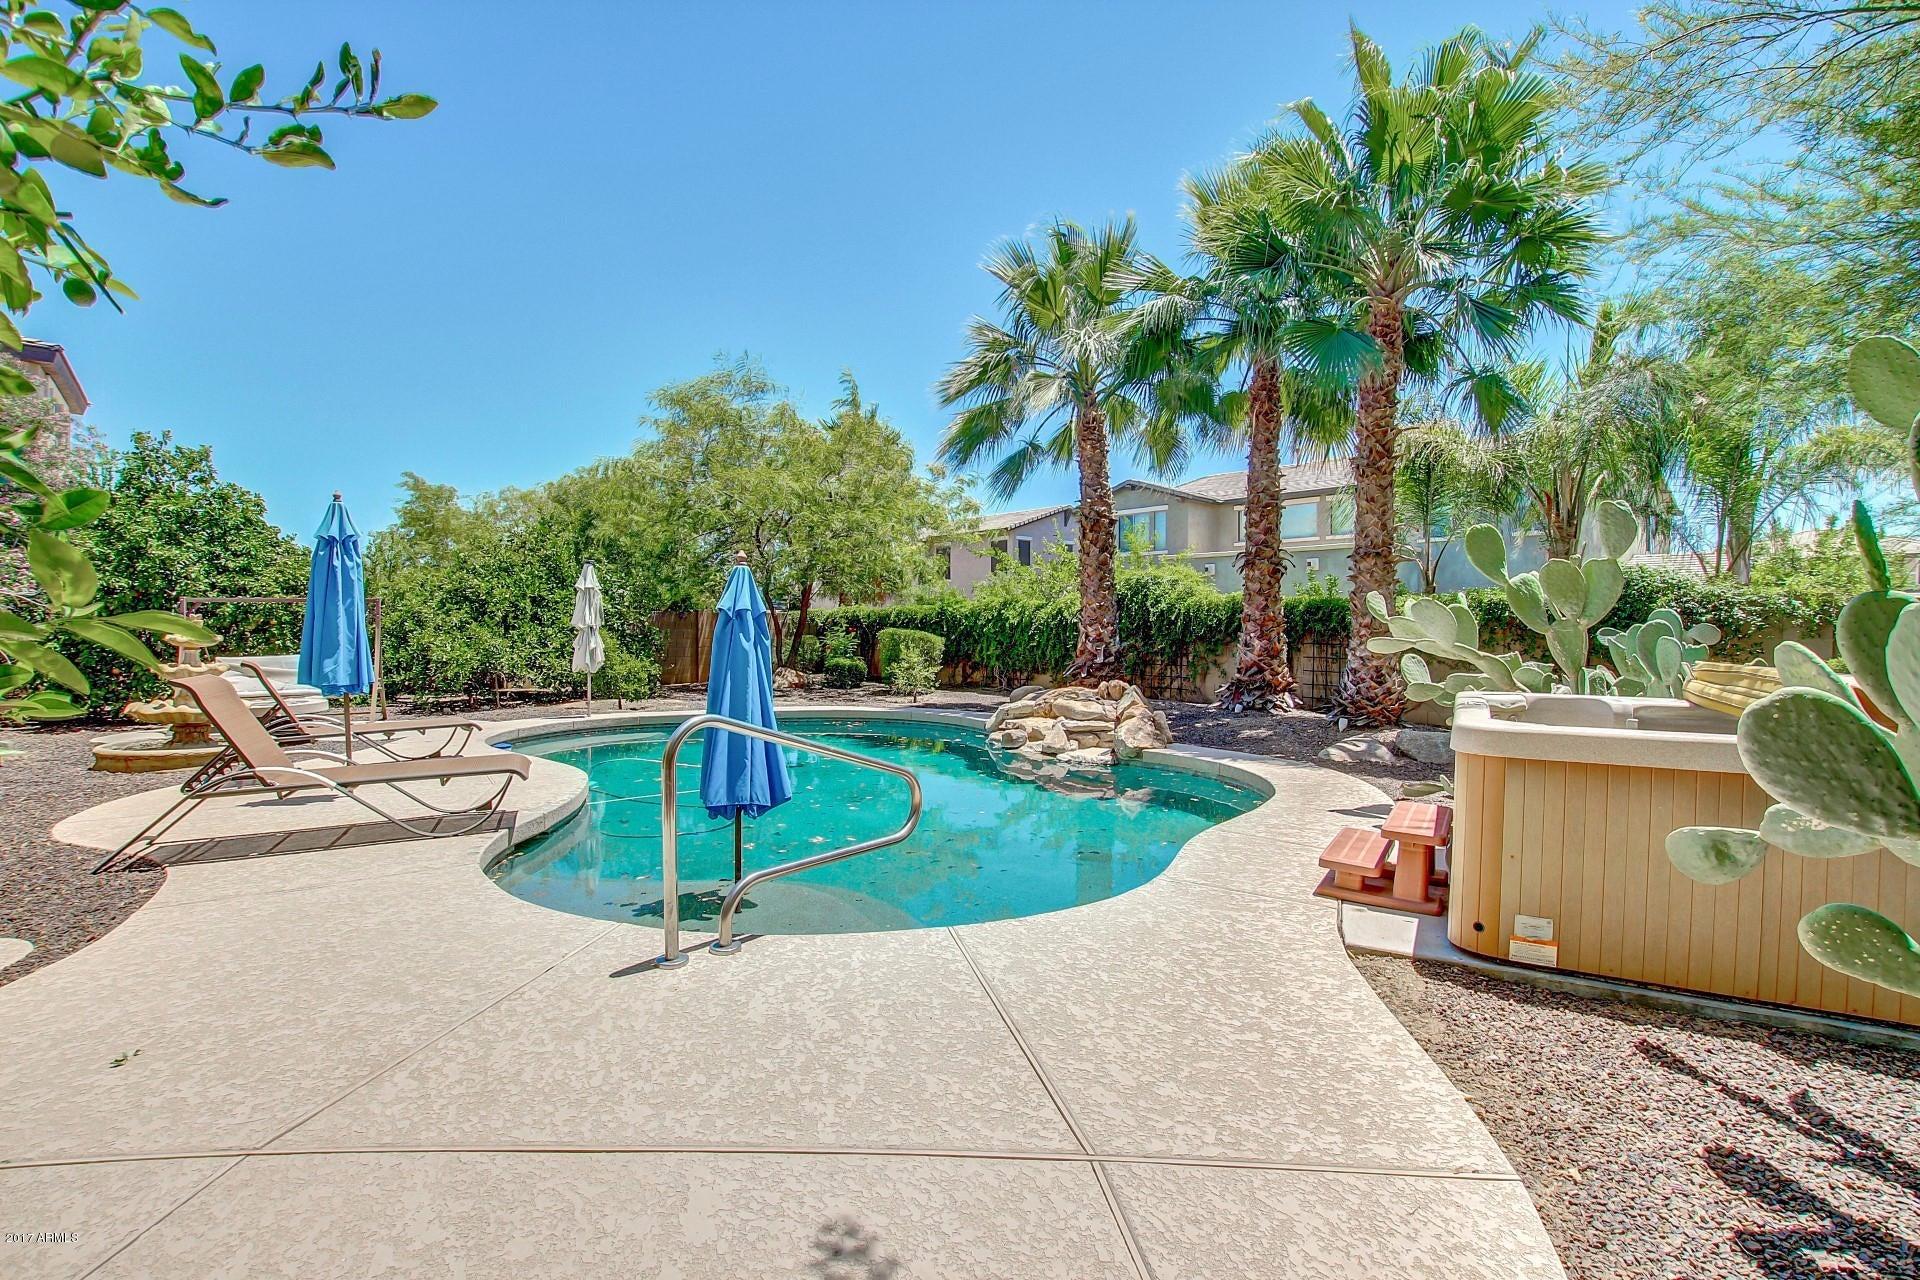 MLS 5608627 15427 W MEADOWBROOK Avenue, Goodyear, AZ 85395 Goodyear AZ Palm Valley